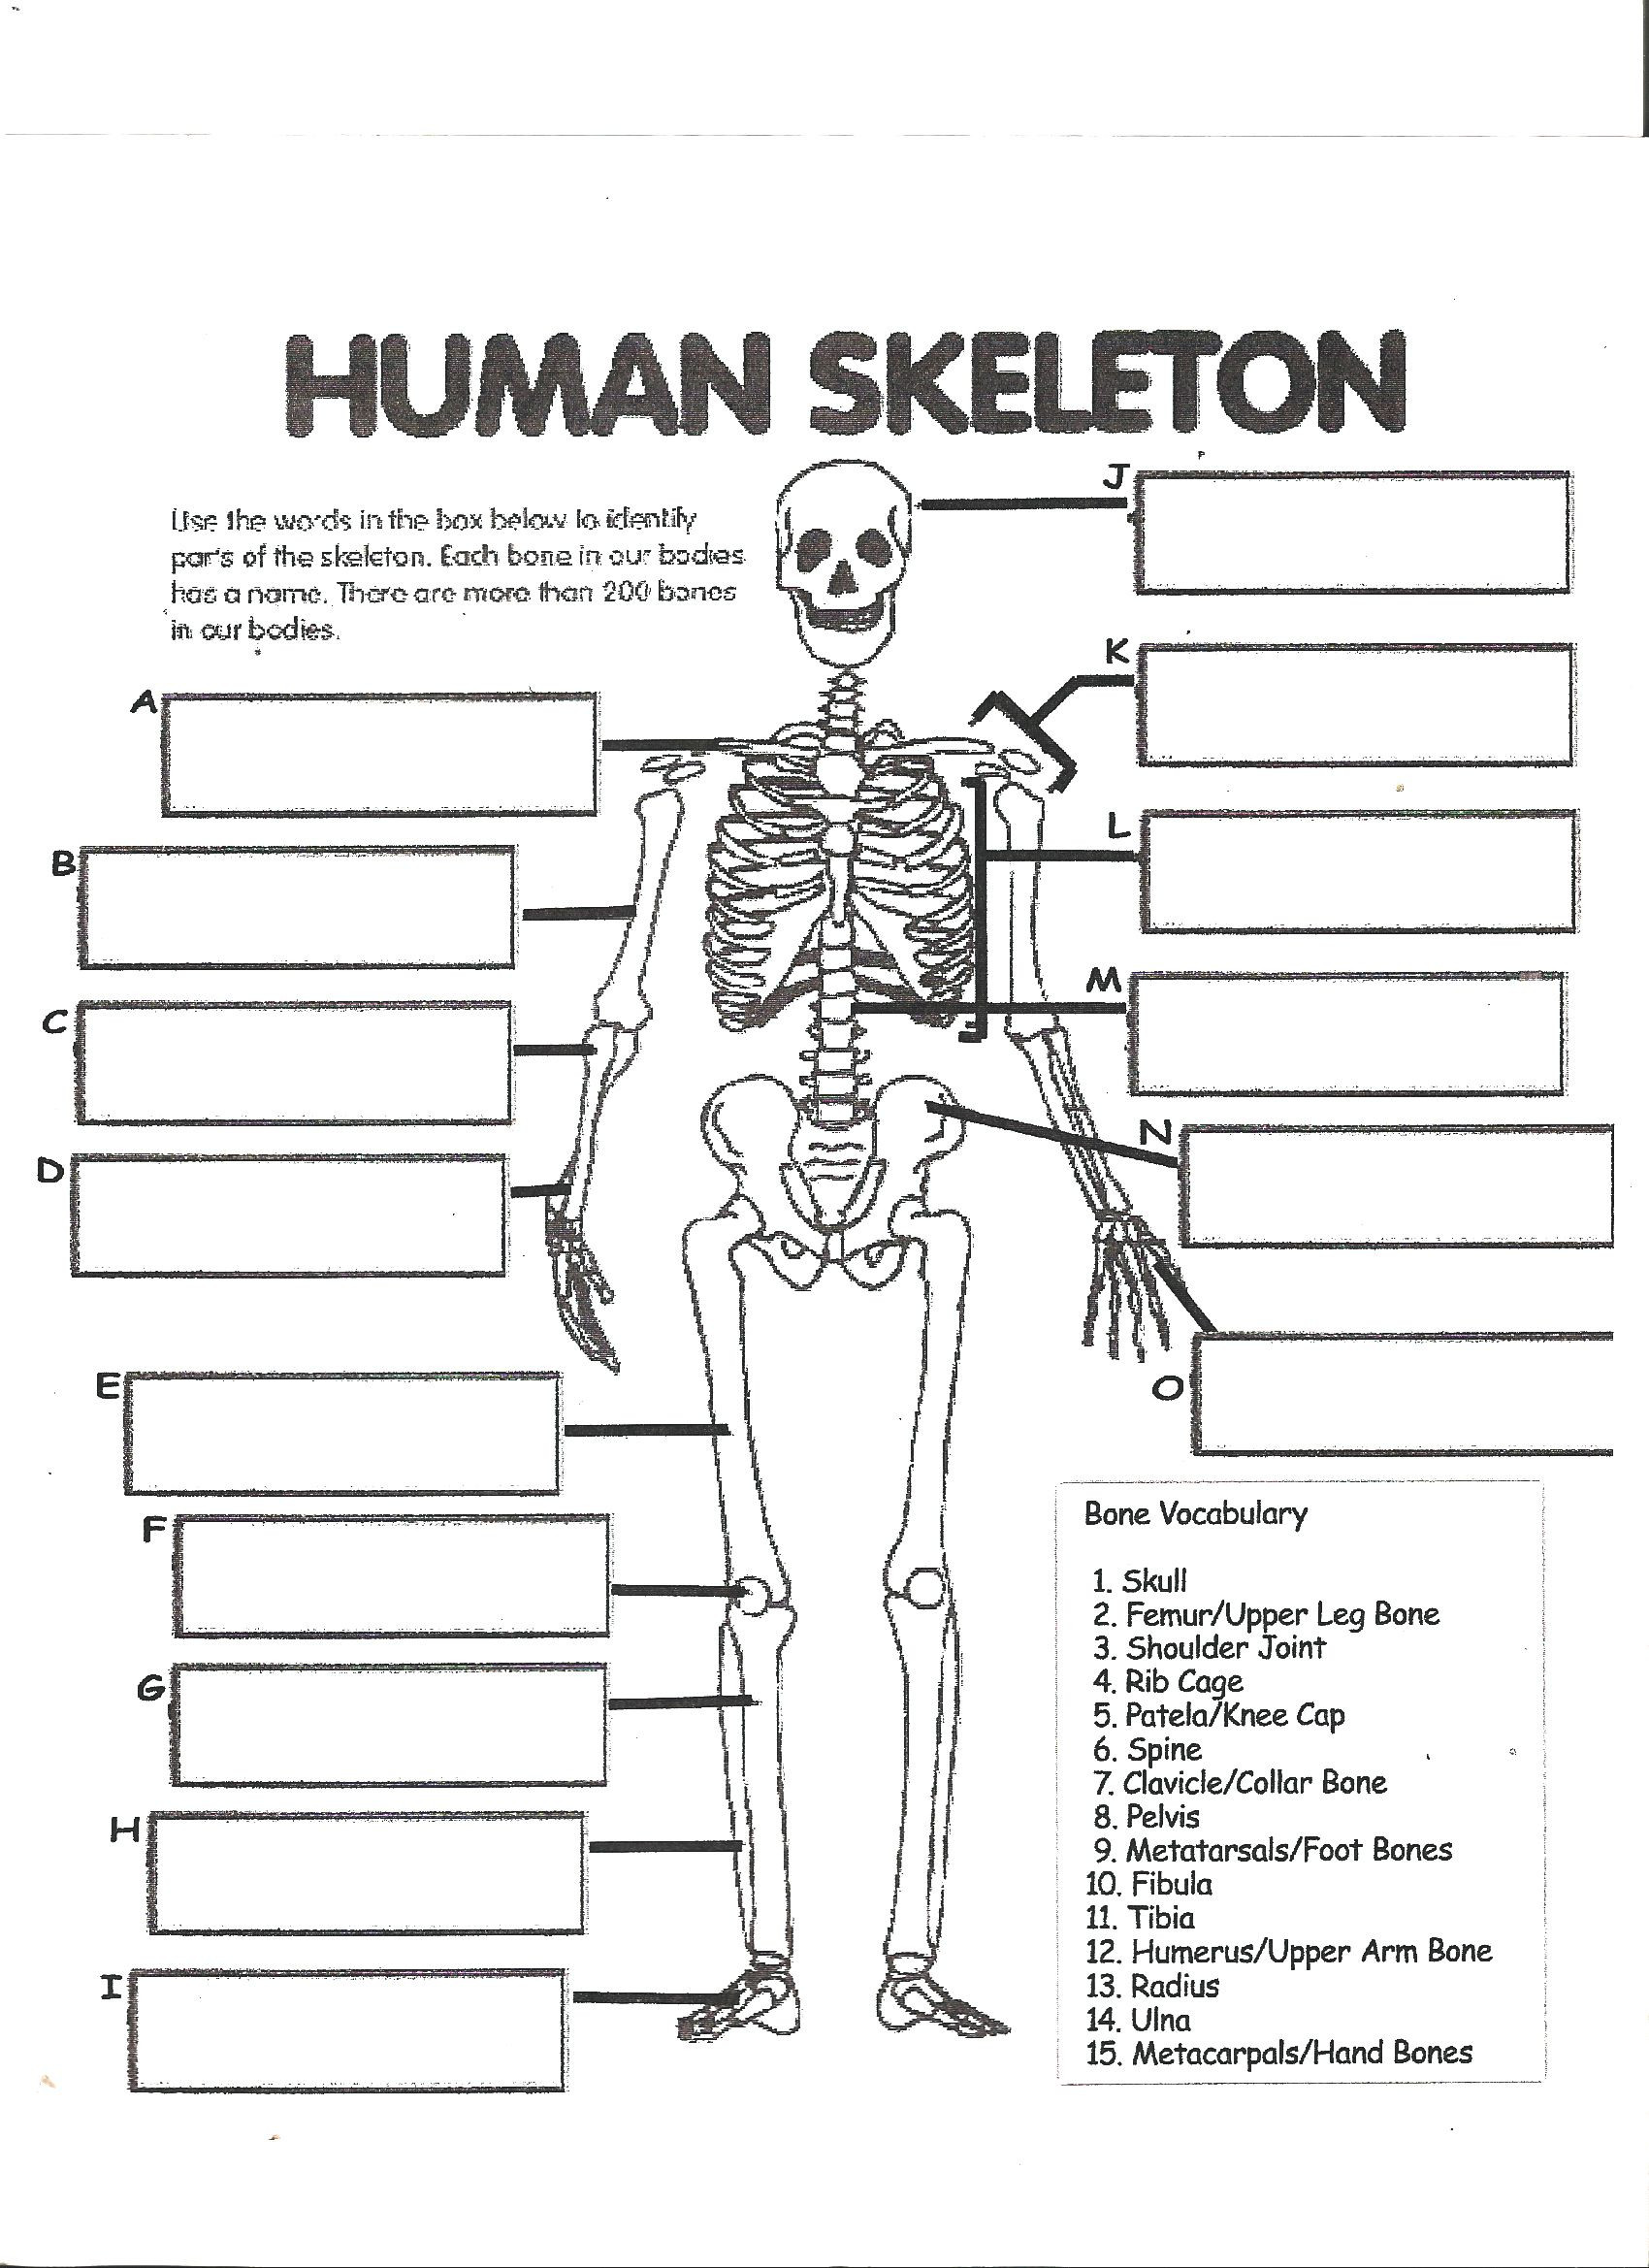 The Skeletal System Worksheet Digestive System Labeling Worksheet Answers Human Skeleton